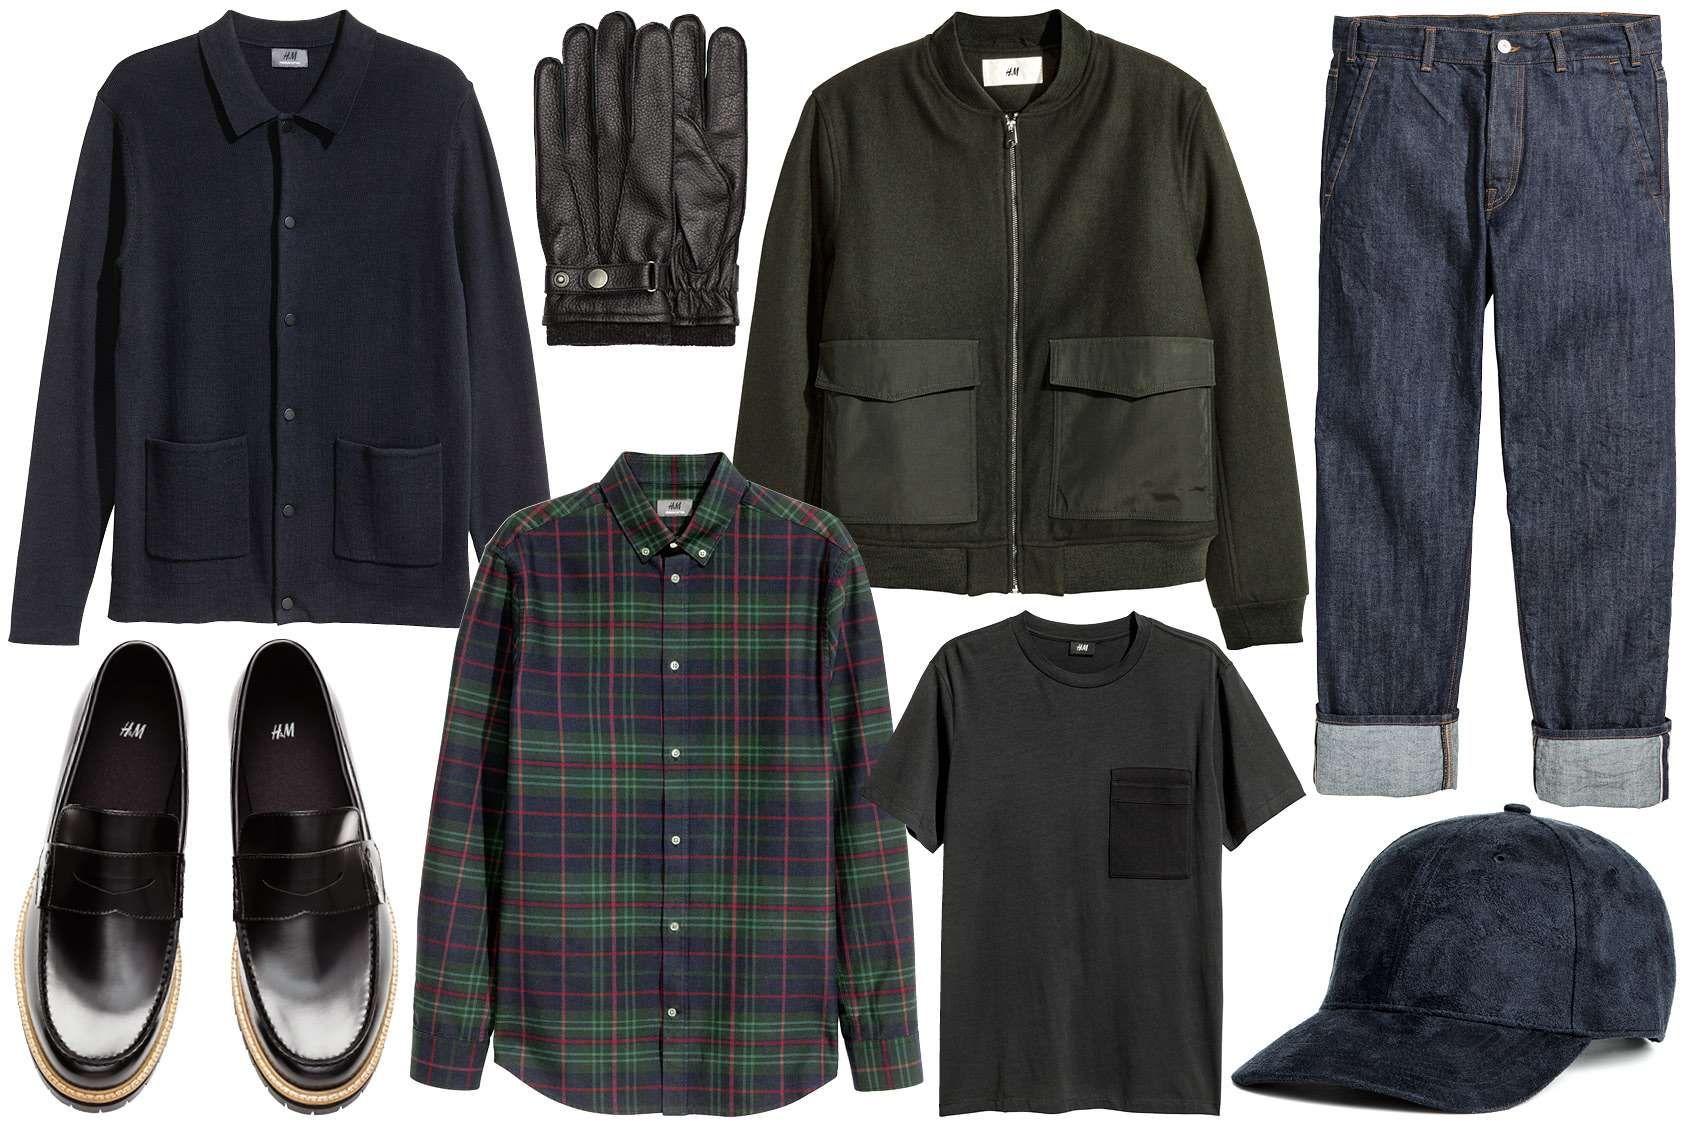 업데이트된 패션 소식이 궁금하신가요? 저희가 엄선한 H&M 주간 남성복 뉴스를 확인해 보세요. 끝까지 스크롤하여 마음에 드는 아이템을 쇼핑할 수도 있답니다!